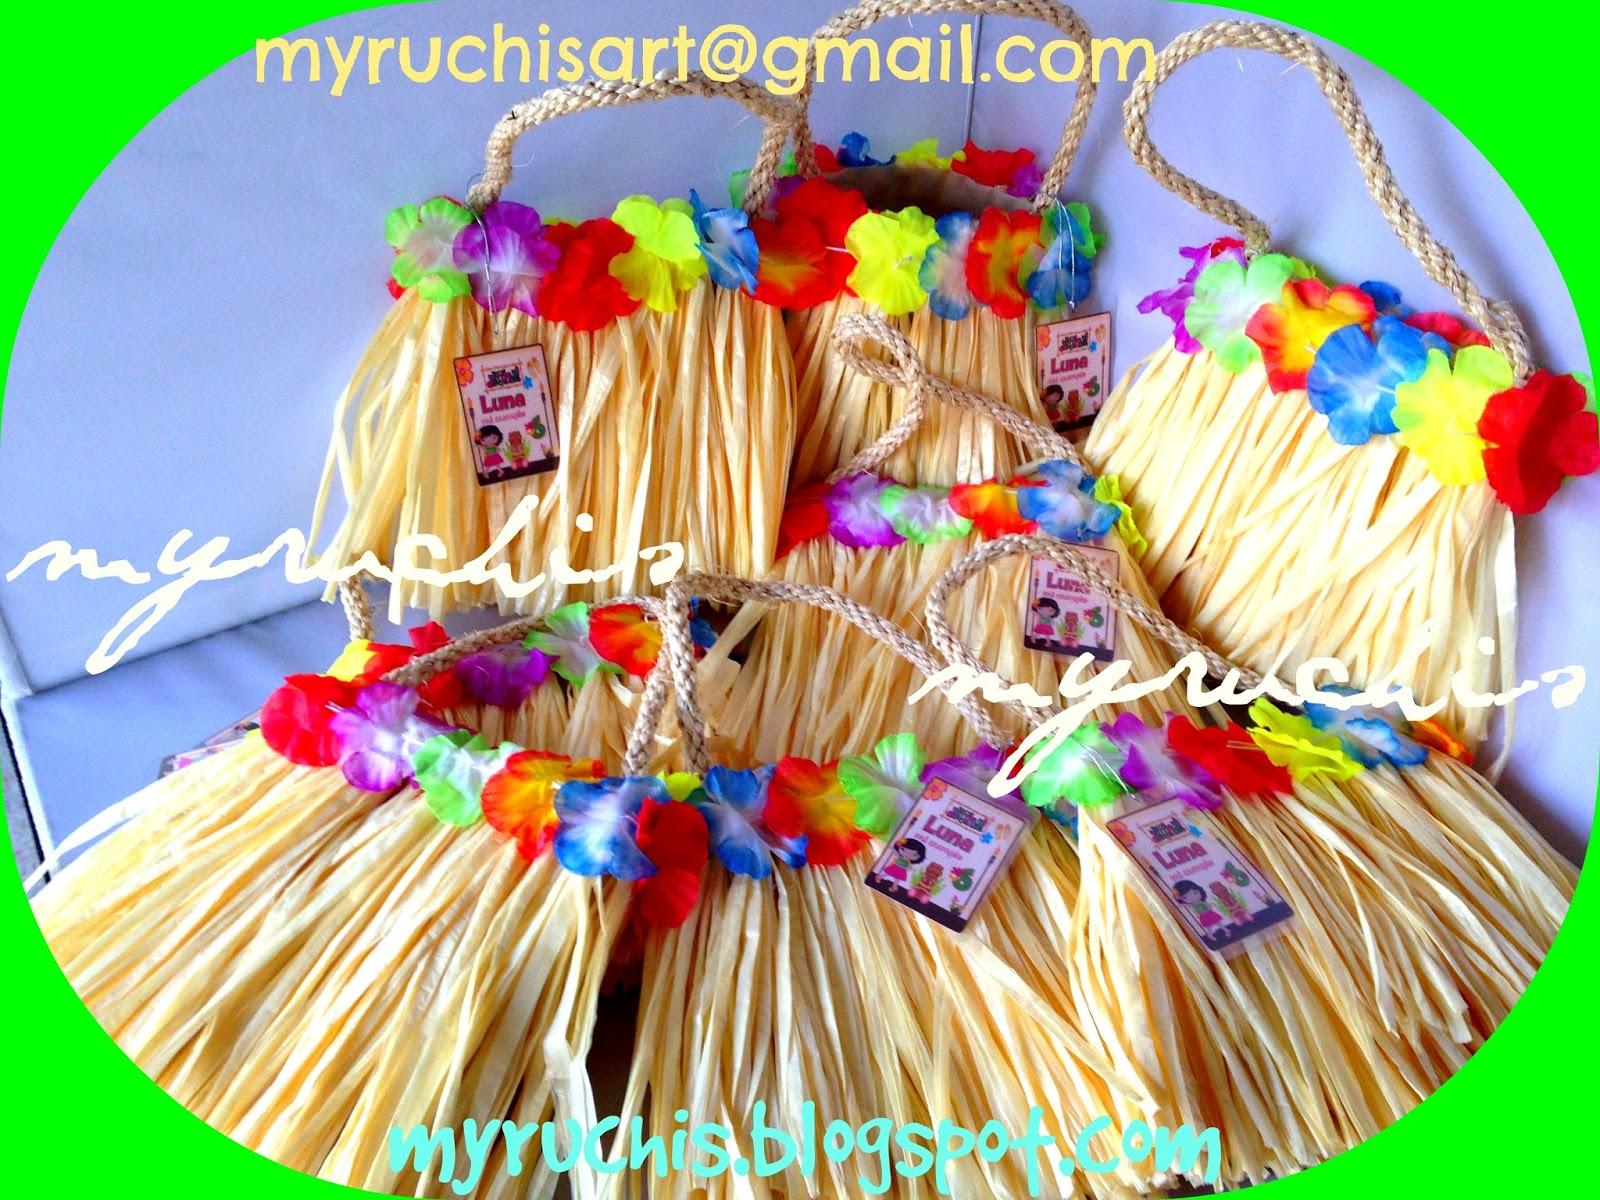 Myruchis - Fiestas originales para ninos ...